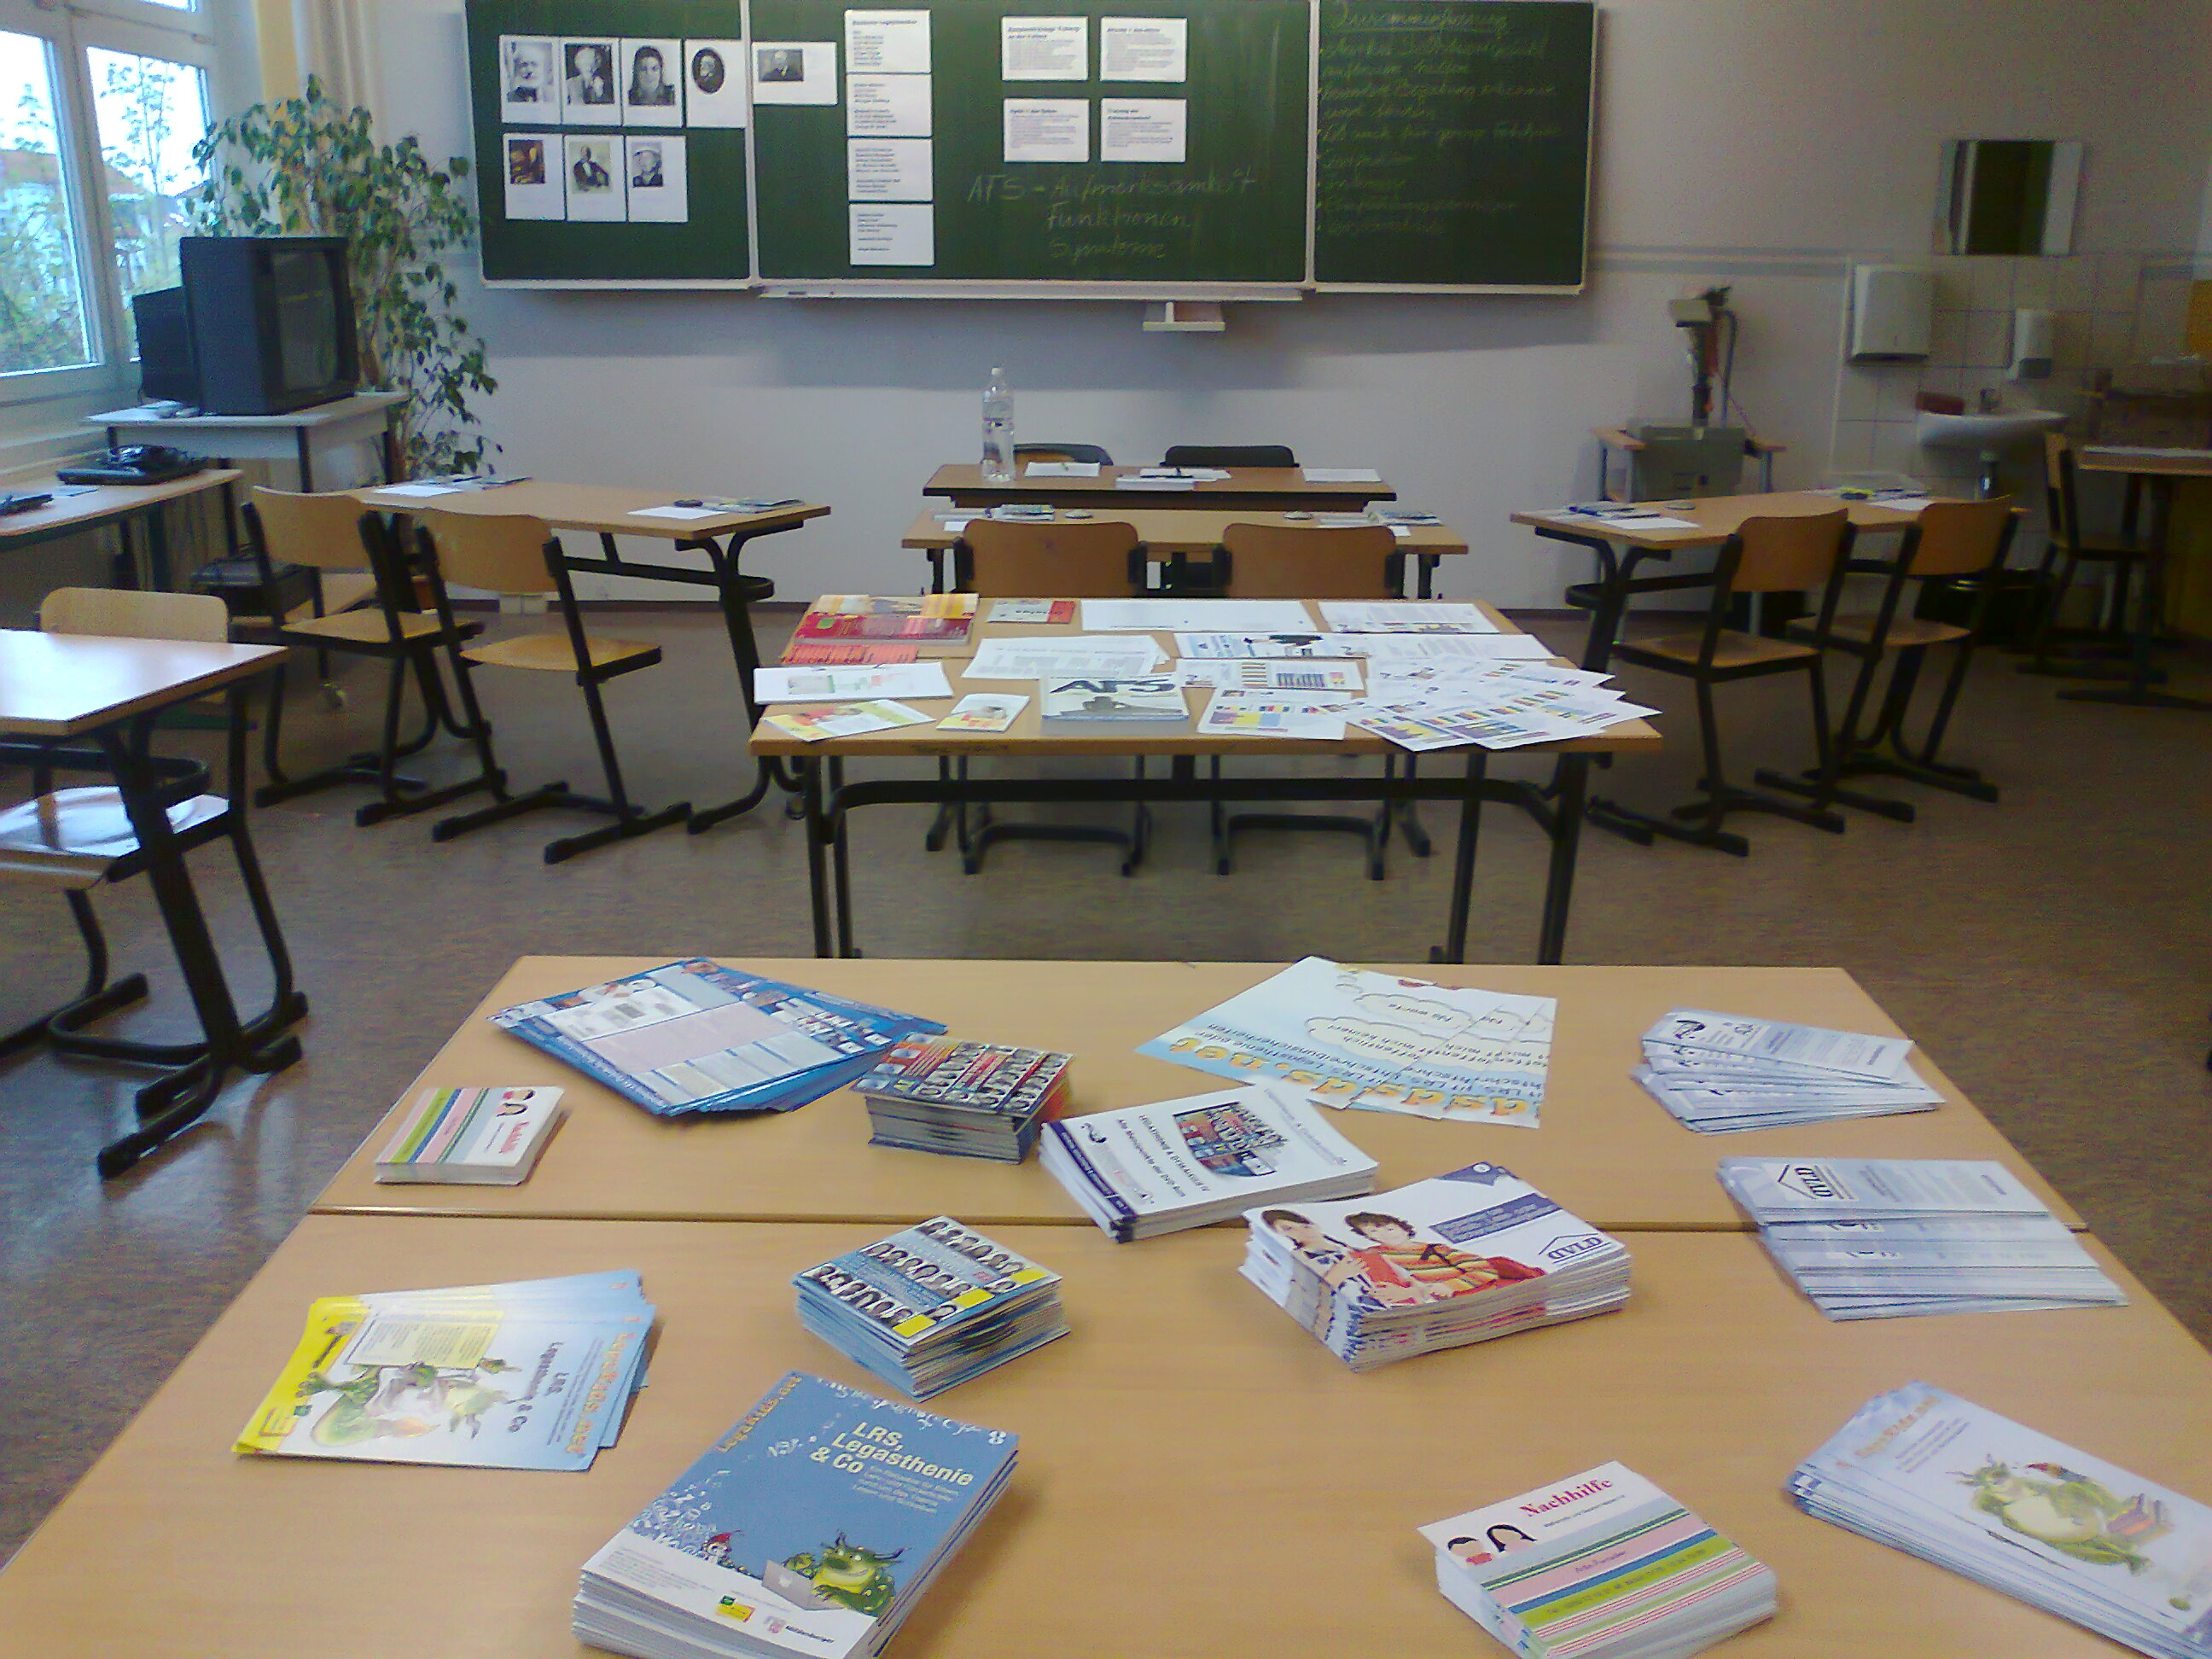 Legasthenie, Dyskalkulie, Lehrer, Lehrerin, Schule, Bildung, Vortrag, Workshop, Hilfe, Legasthenietrainer, Dyskalkulietrainer